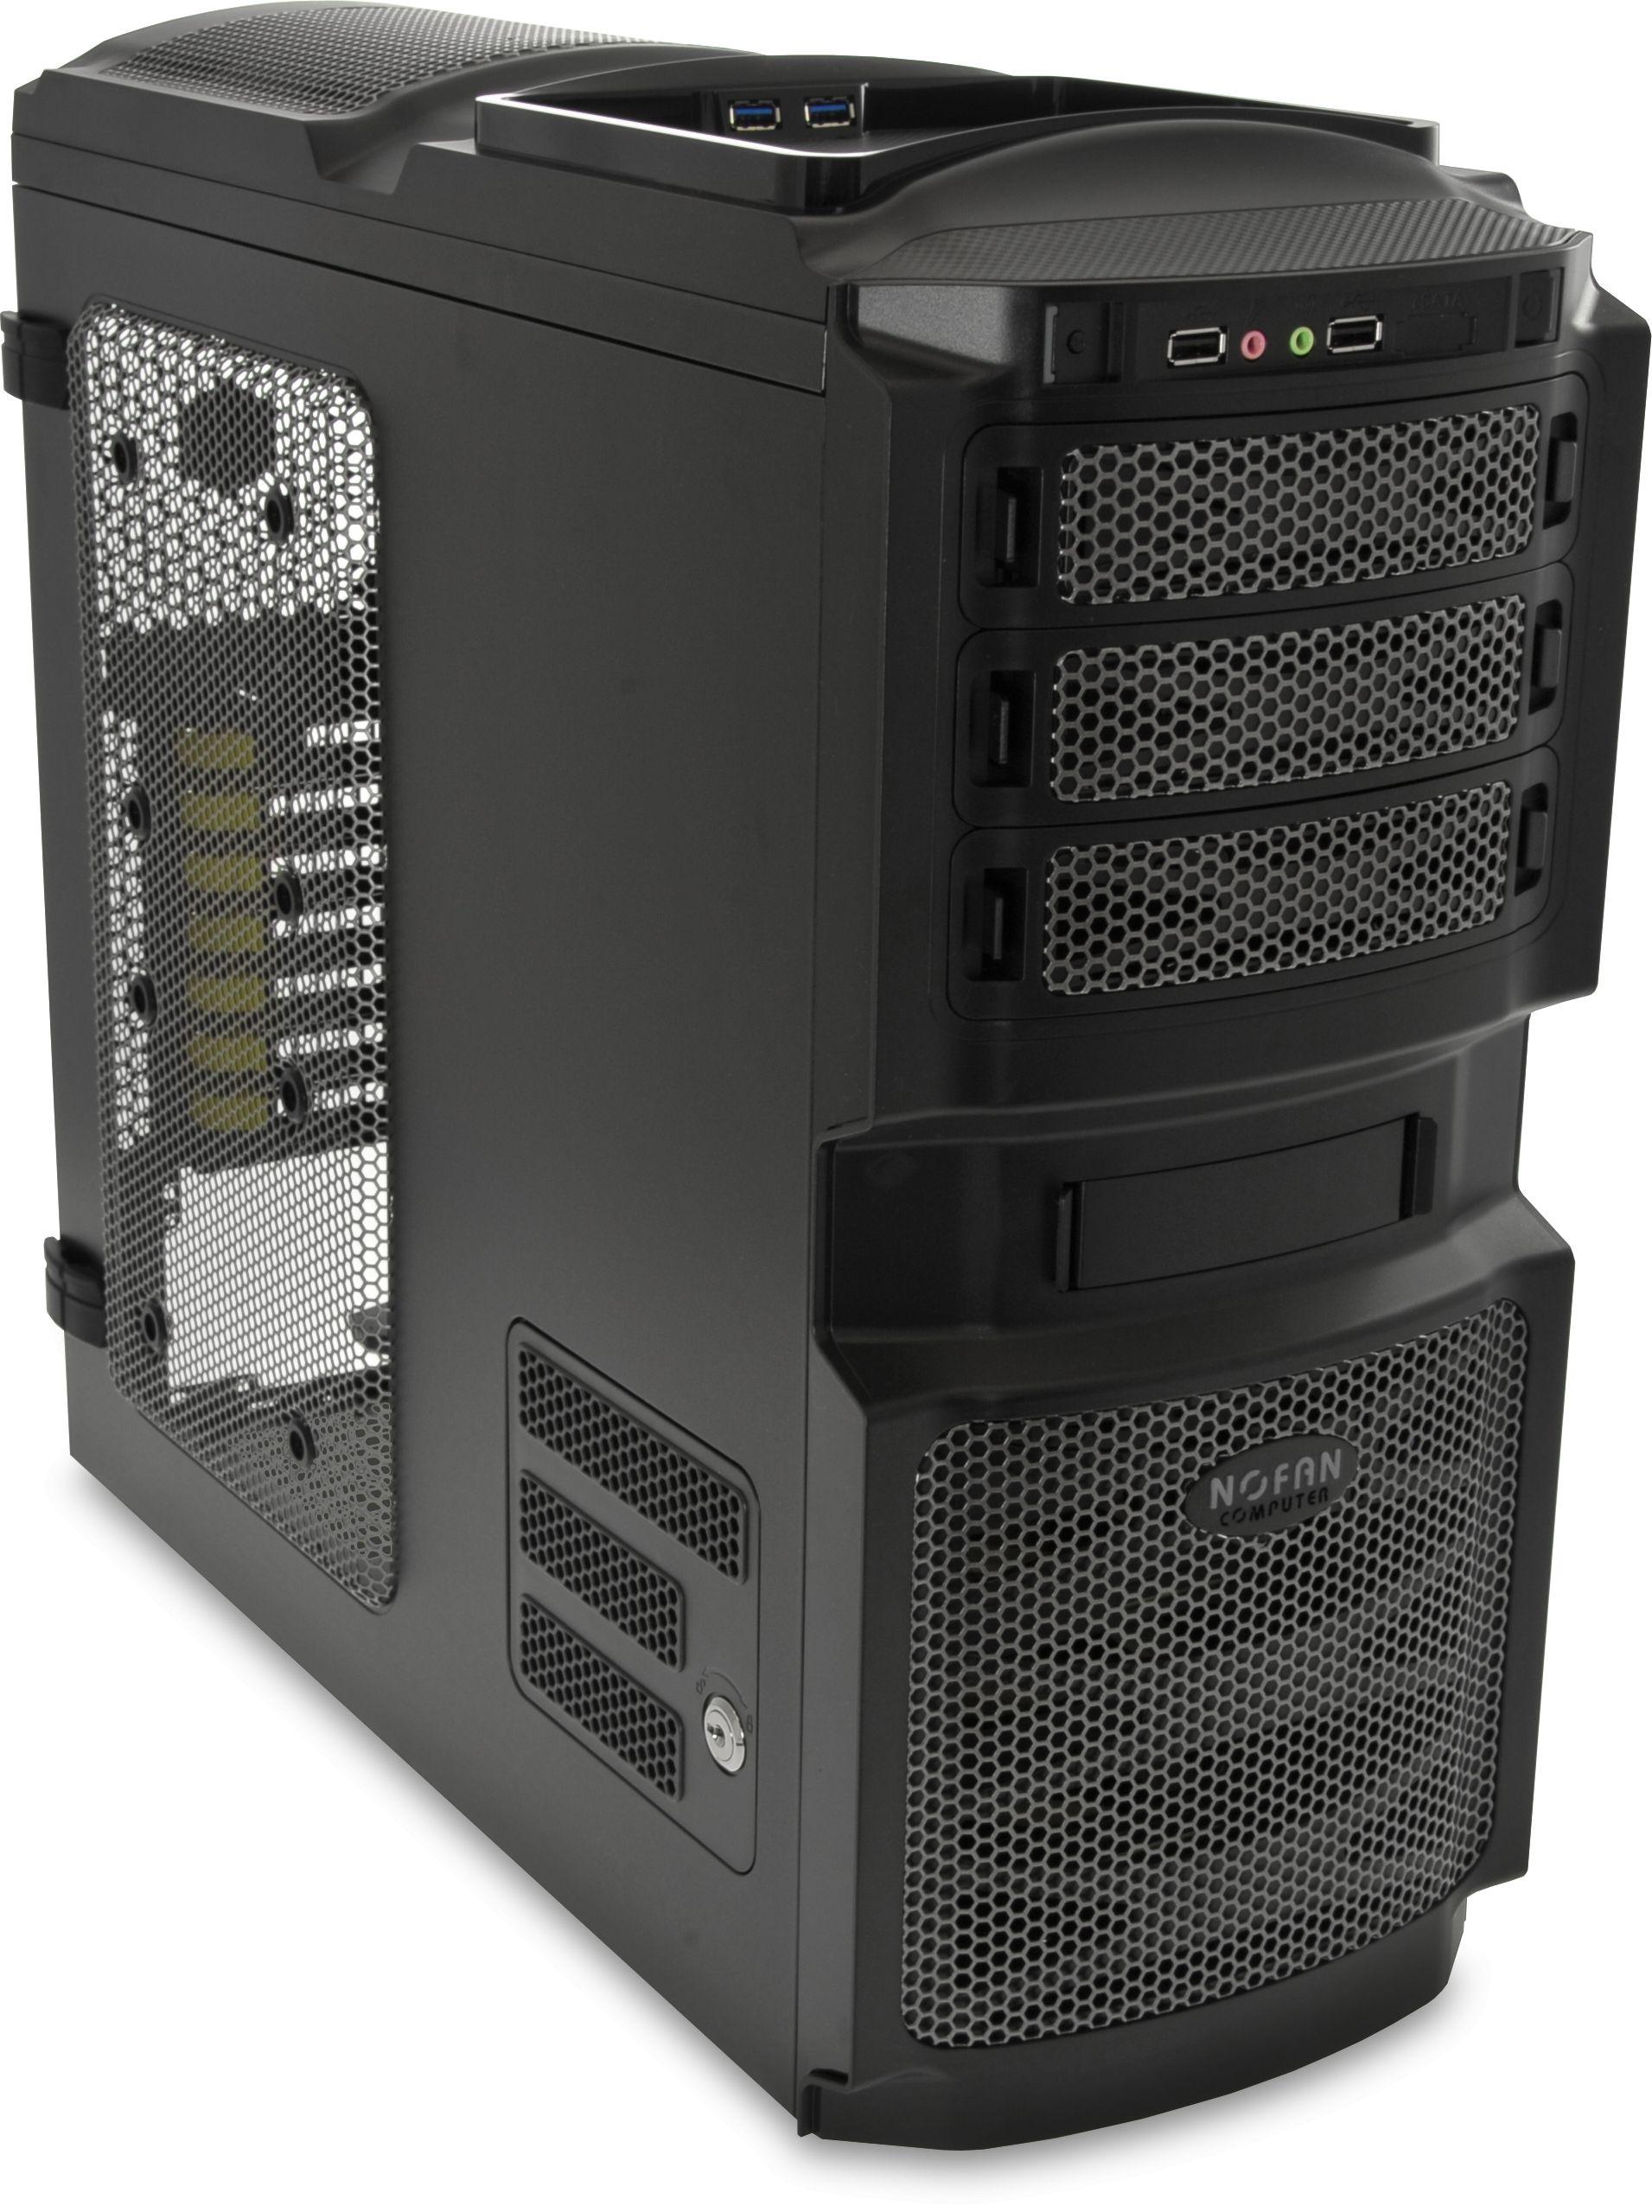 Cs 80 Fanless Atx Computer Case